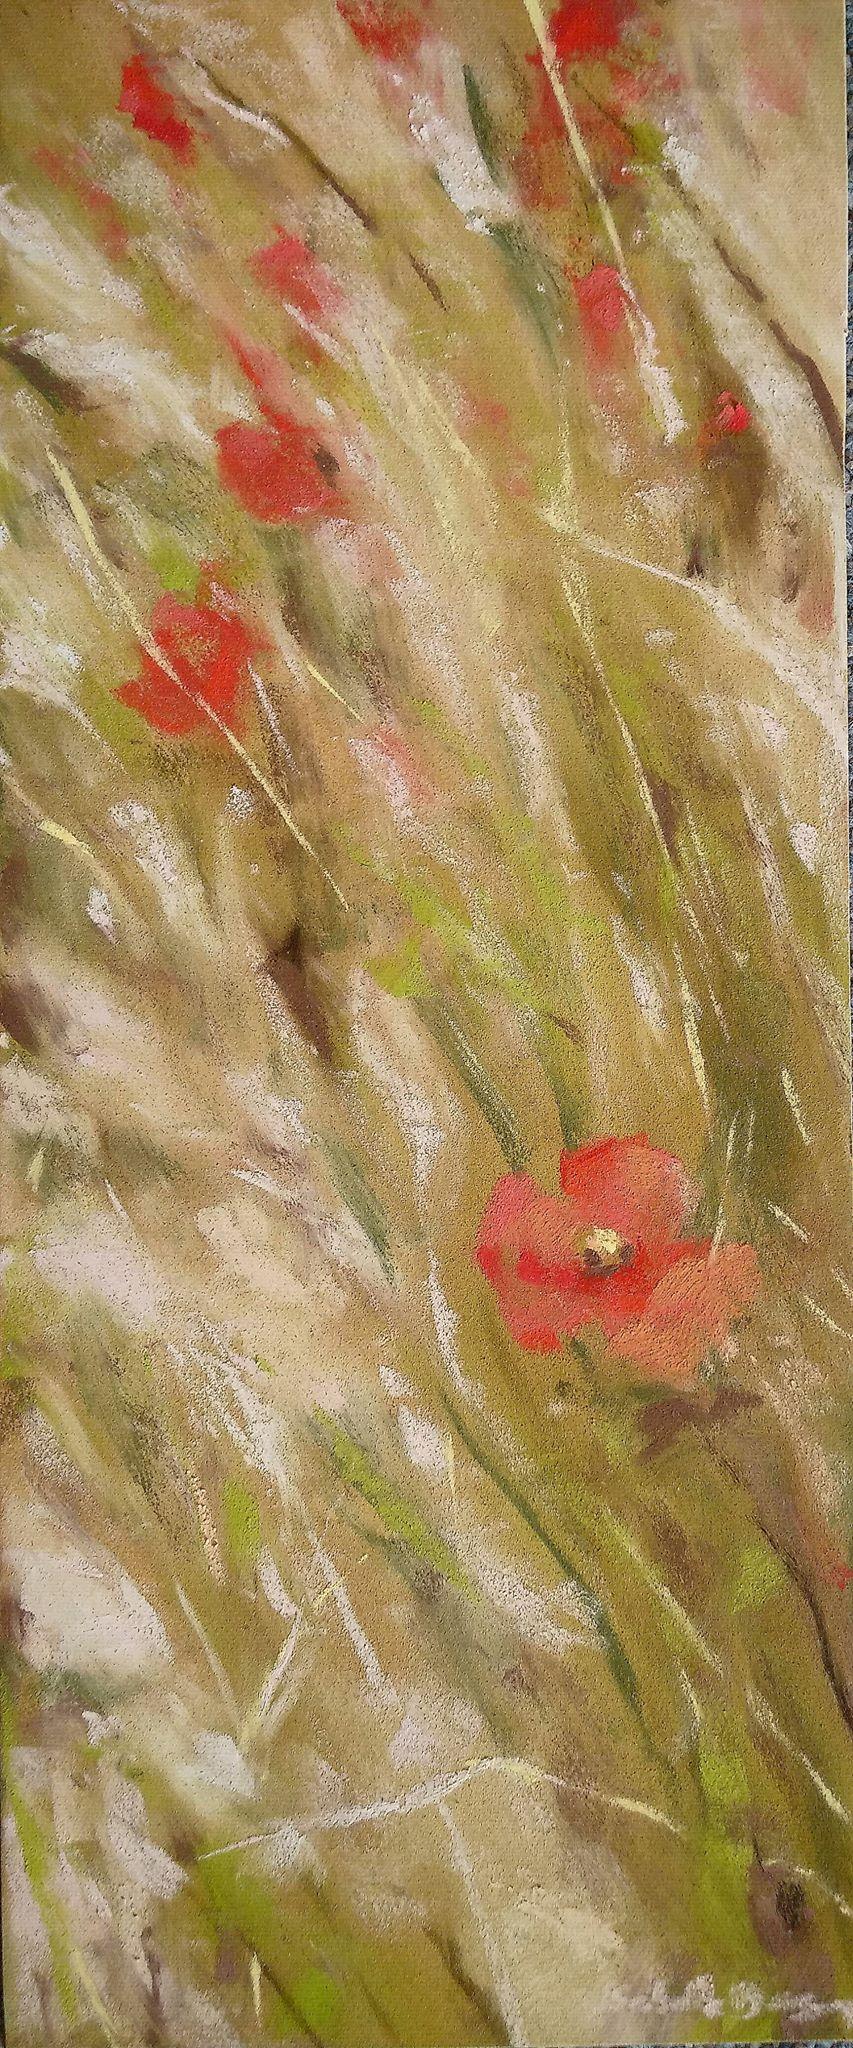 Les coquelicots - Peinture au pastel sec par L'artiste peintre Isabelle Douzamy - 30x57 cm (encadré)